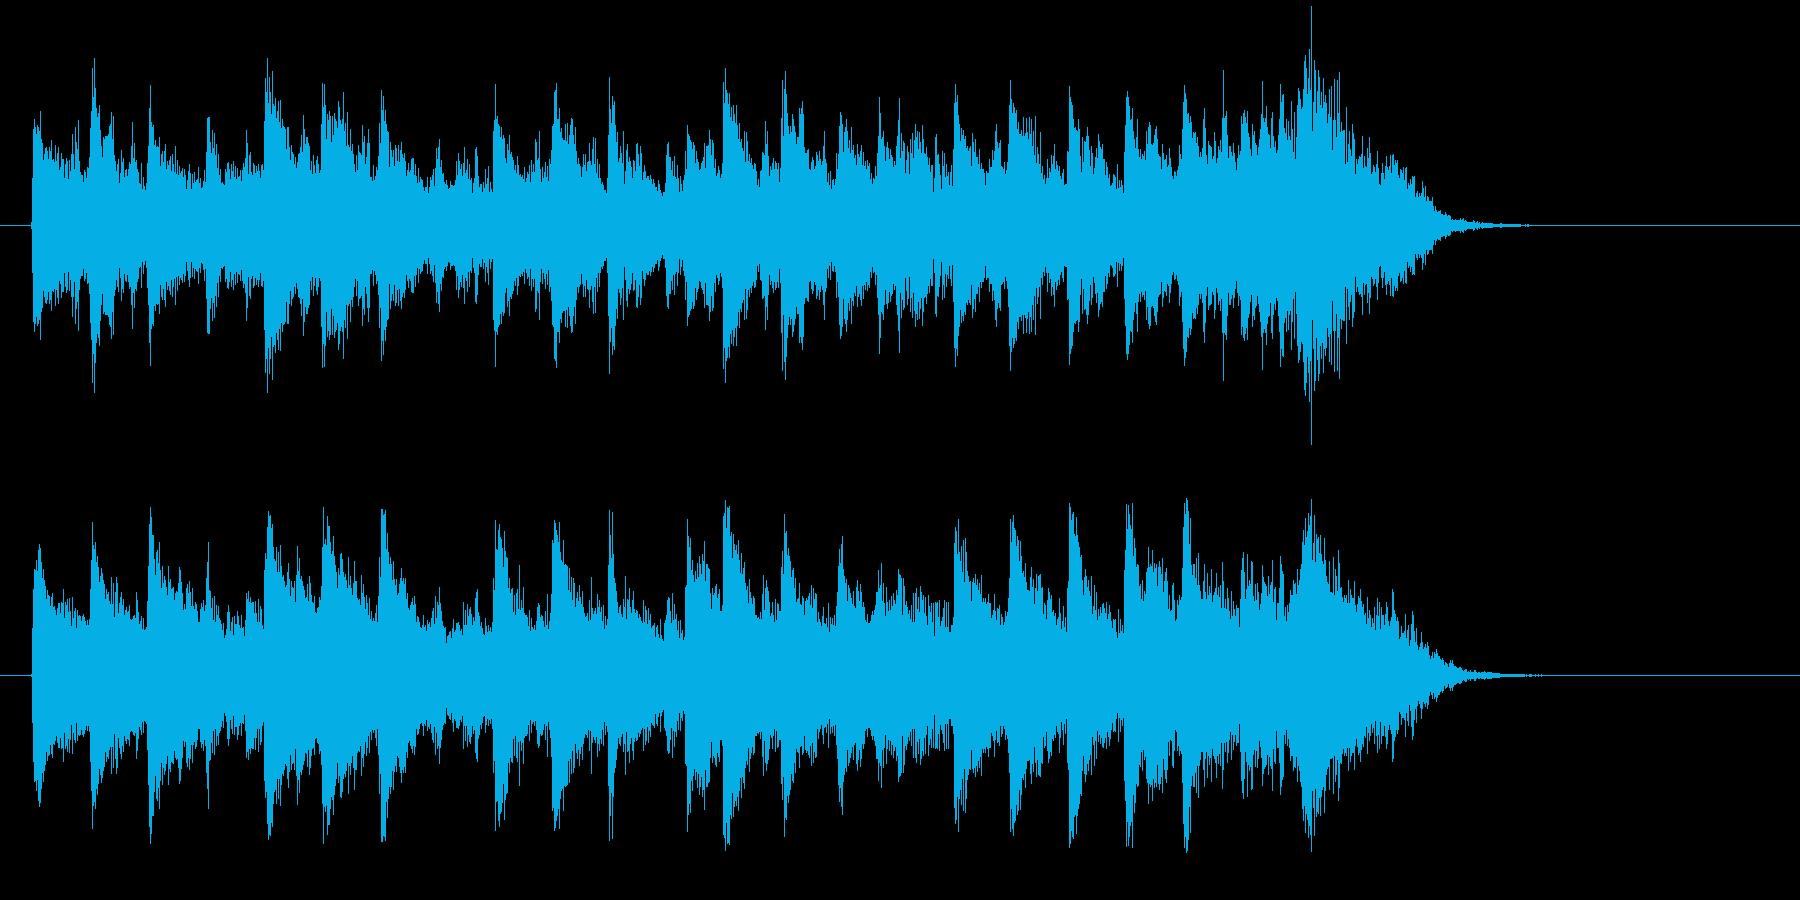 ドキュメント風ポップス(サビ)の再生済みの波形